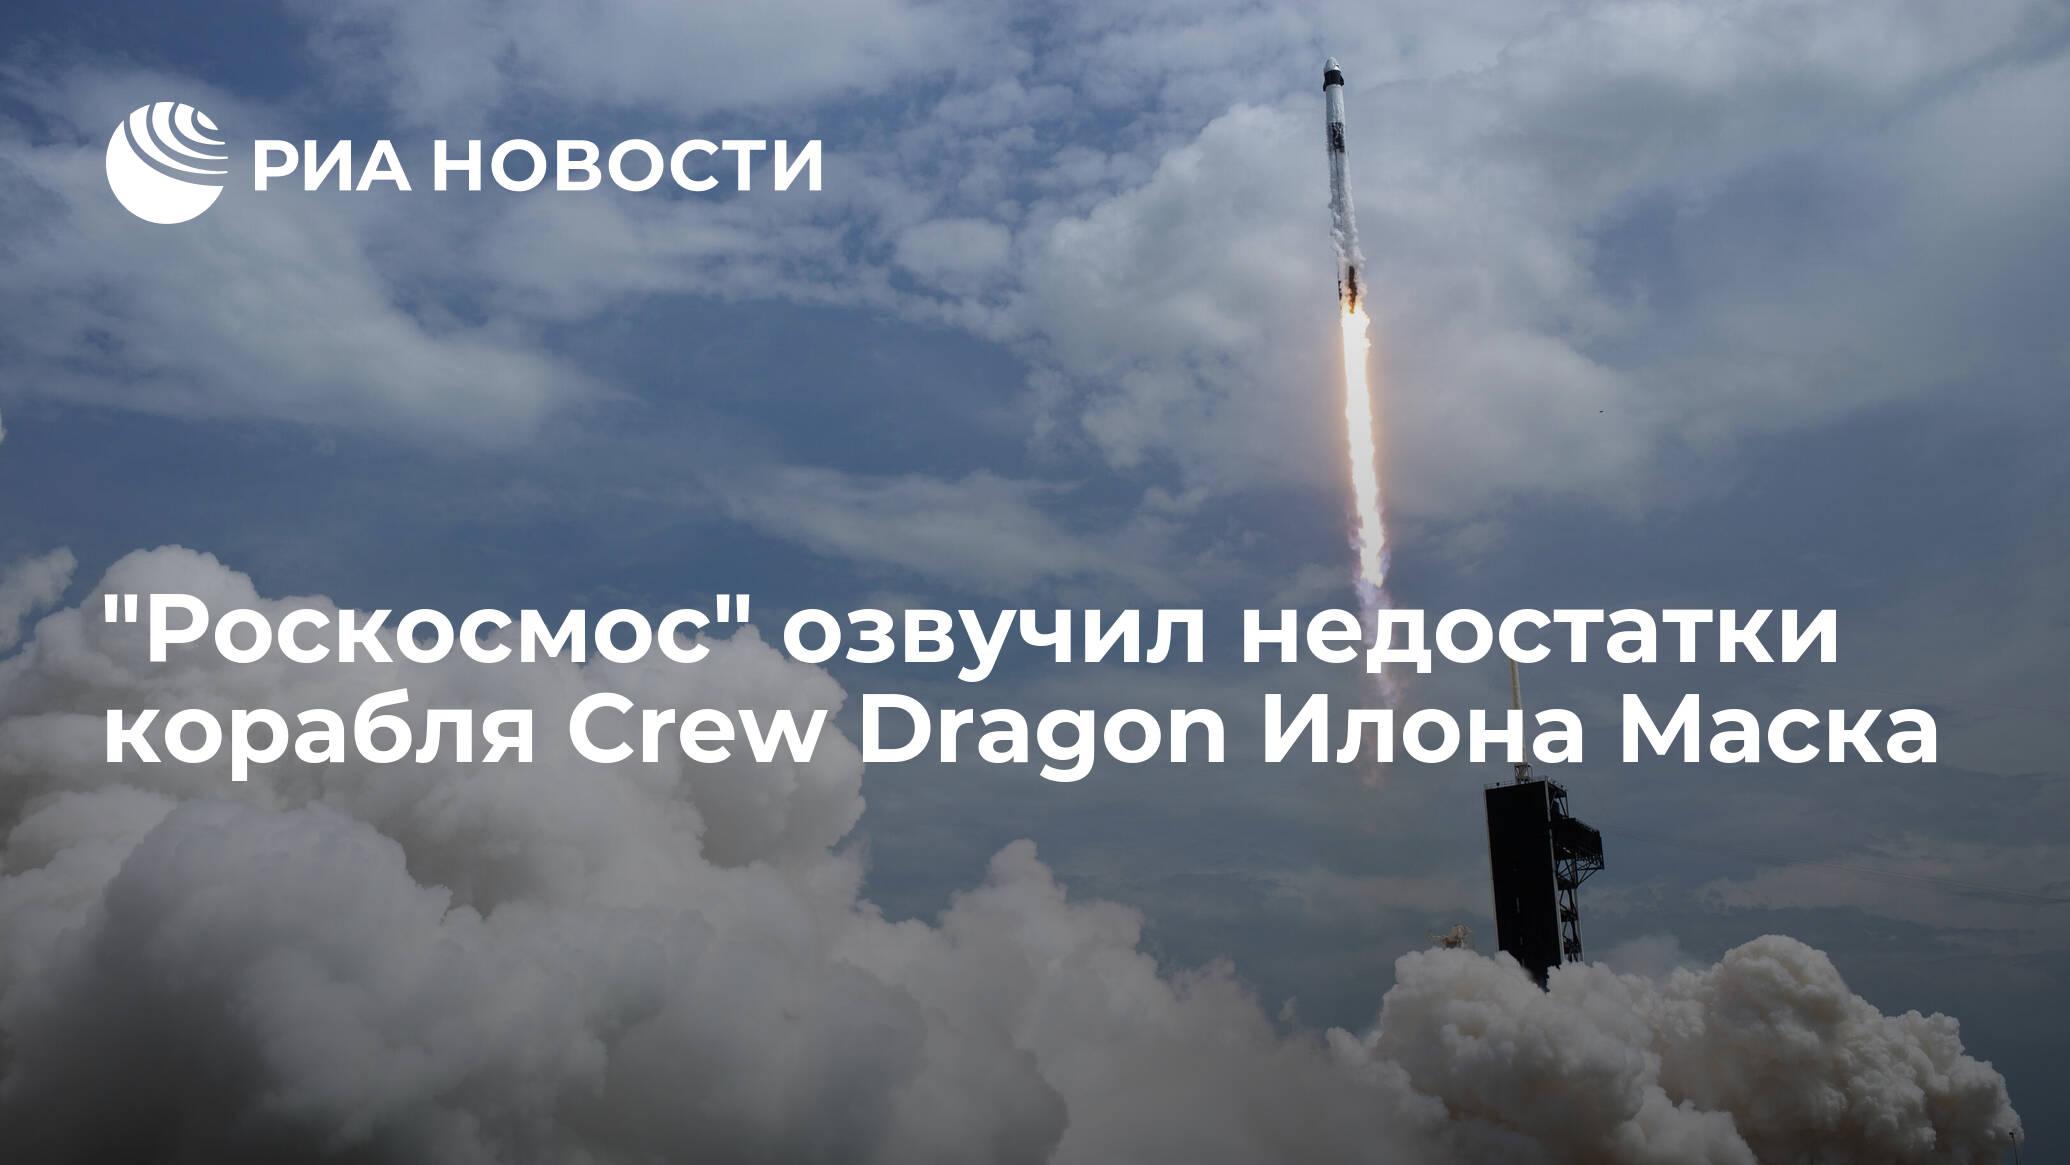 """""""Роскосмос"""" озвучил недостатки корабля Crew Dragon Илона Маска - РИА Новости, 27.06.2020"""